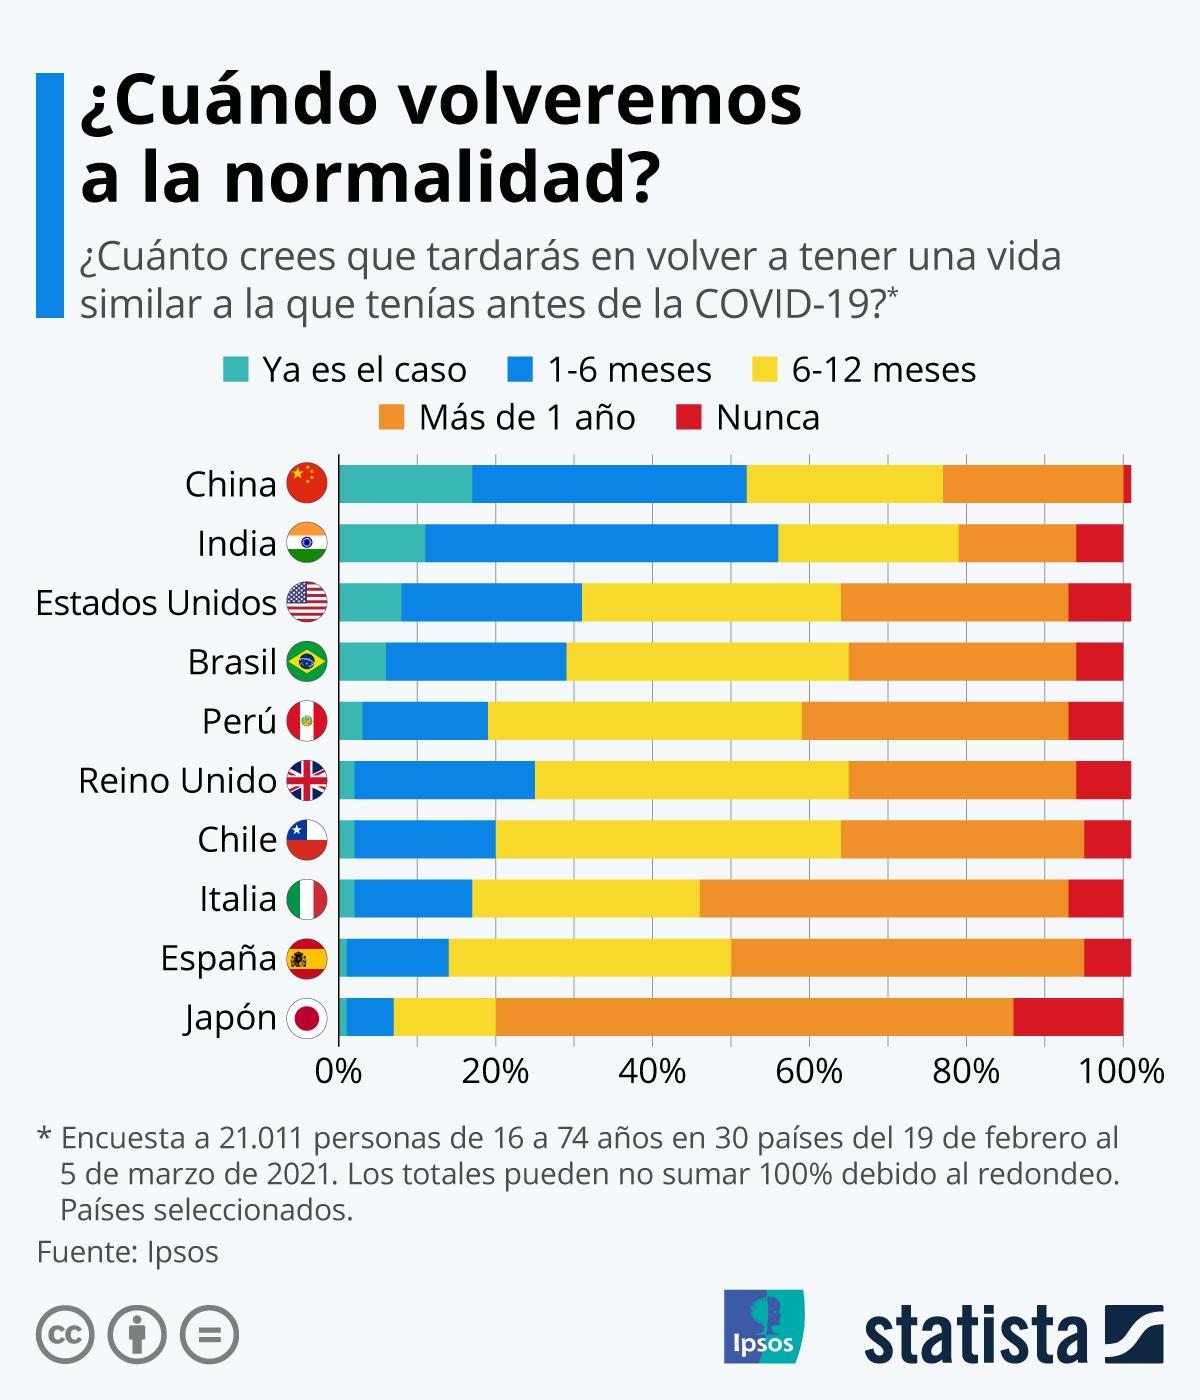 Infografía: ¿Cuándo volveremos a la normalidad?  |  Statista